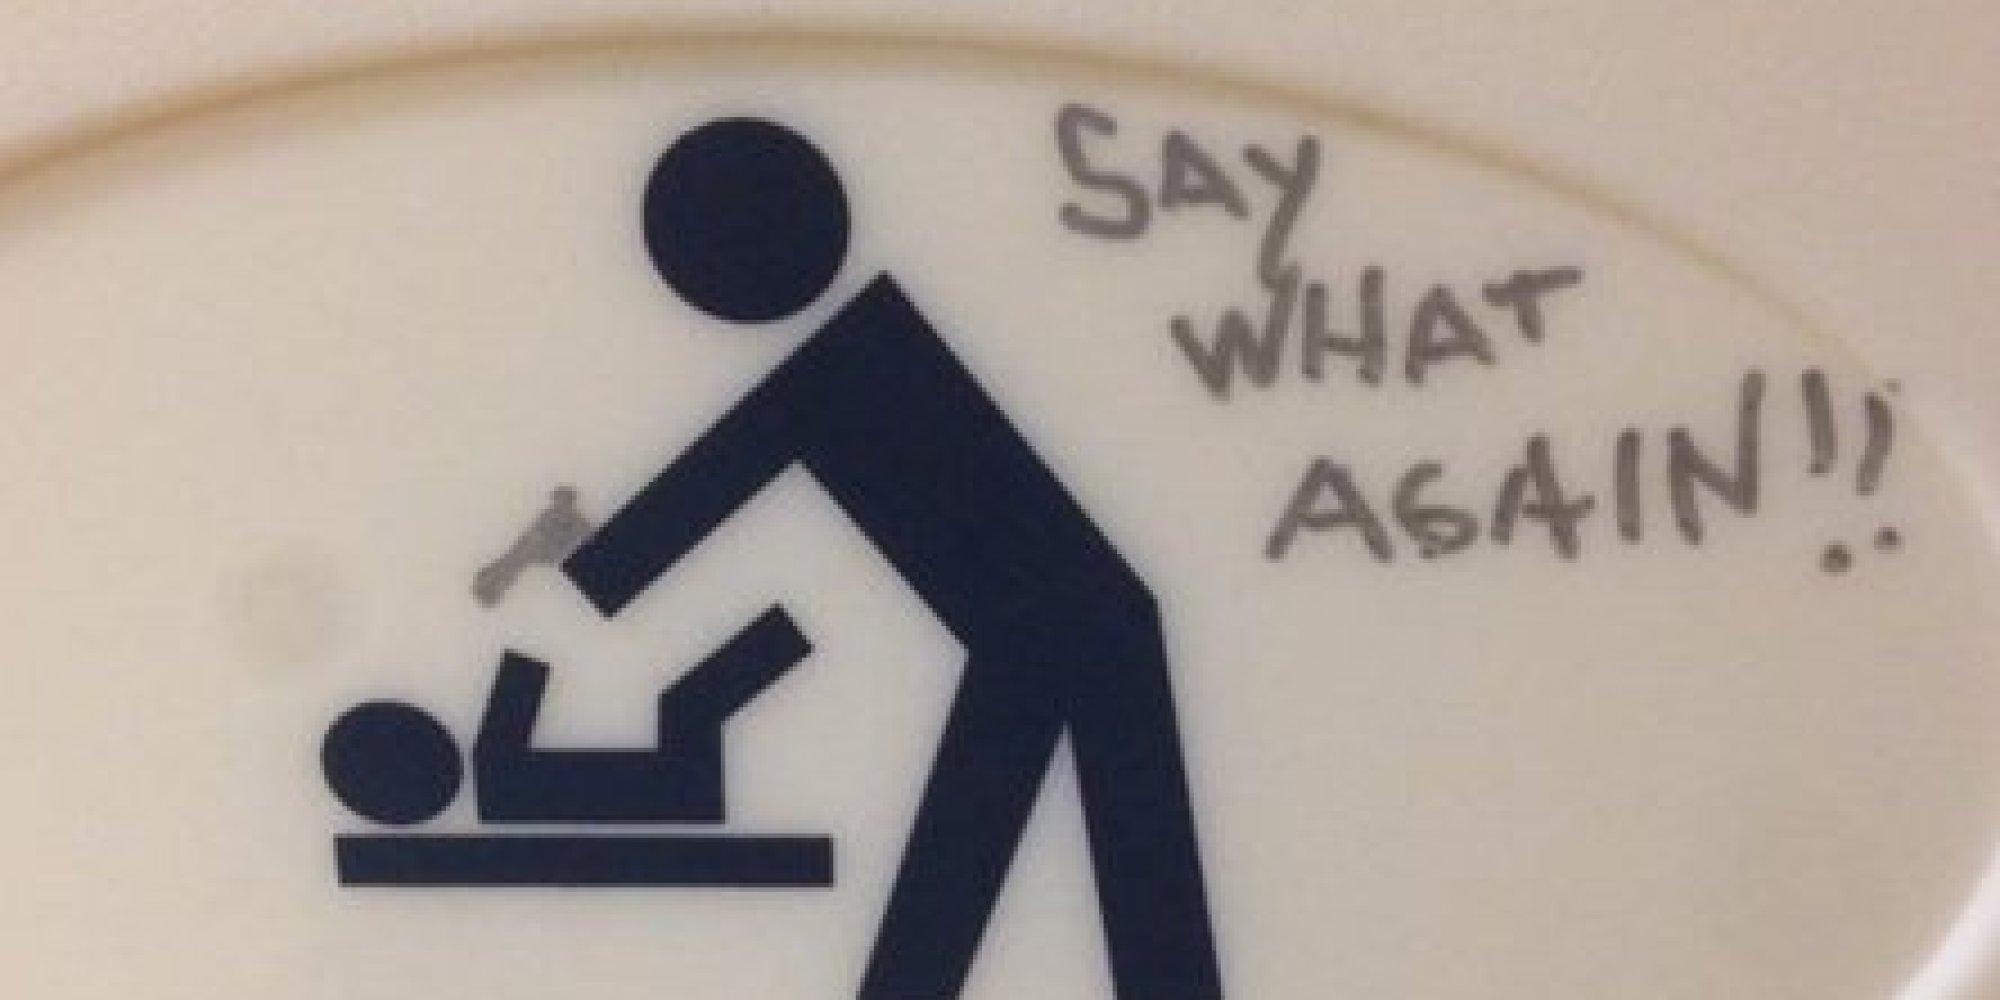 Beautiful Bathroom Graffiti 18 beautiful examples of bathroom graffiti art going through a